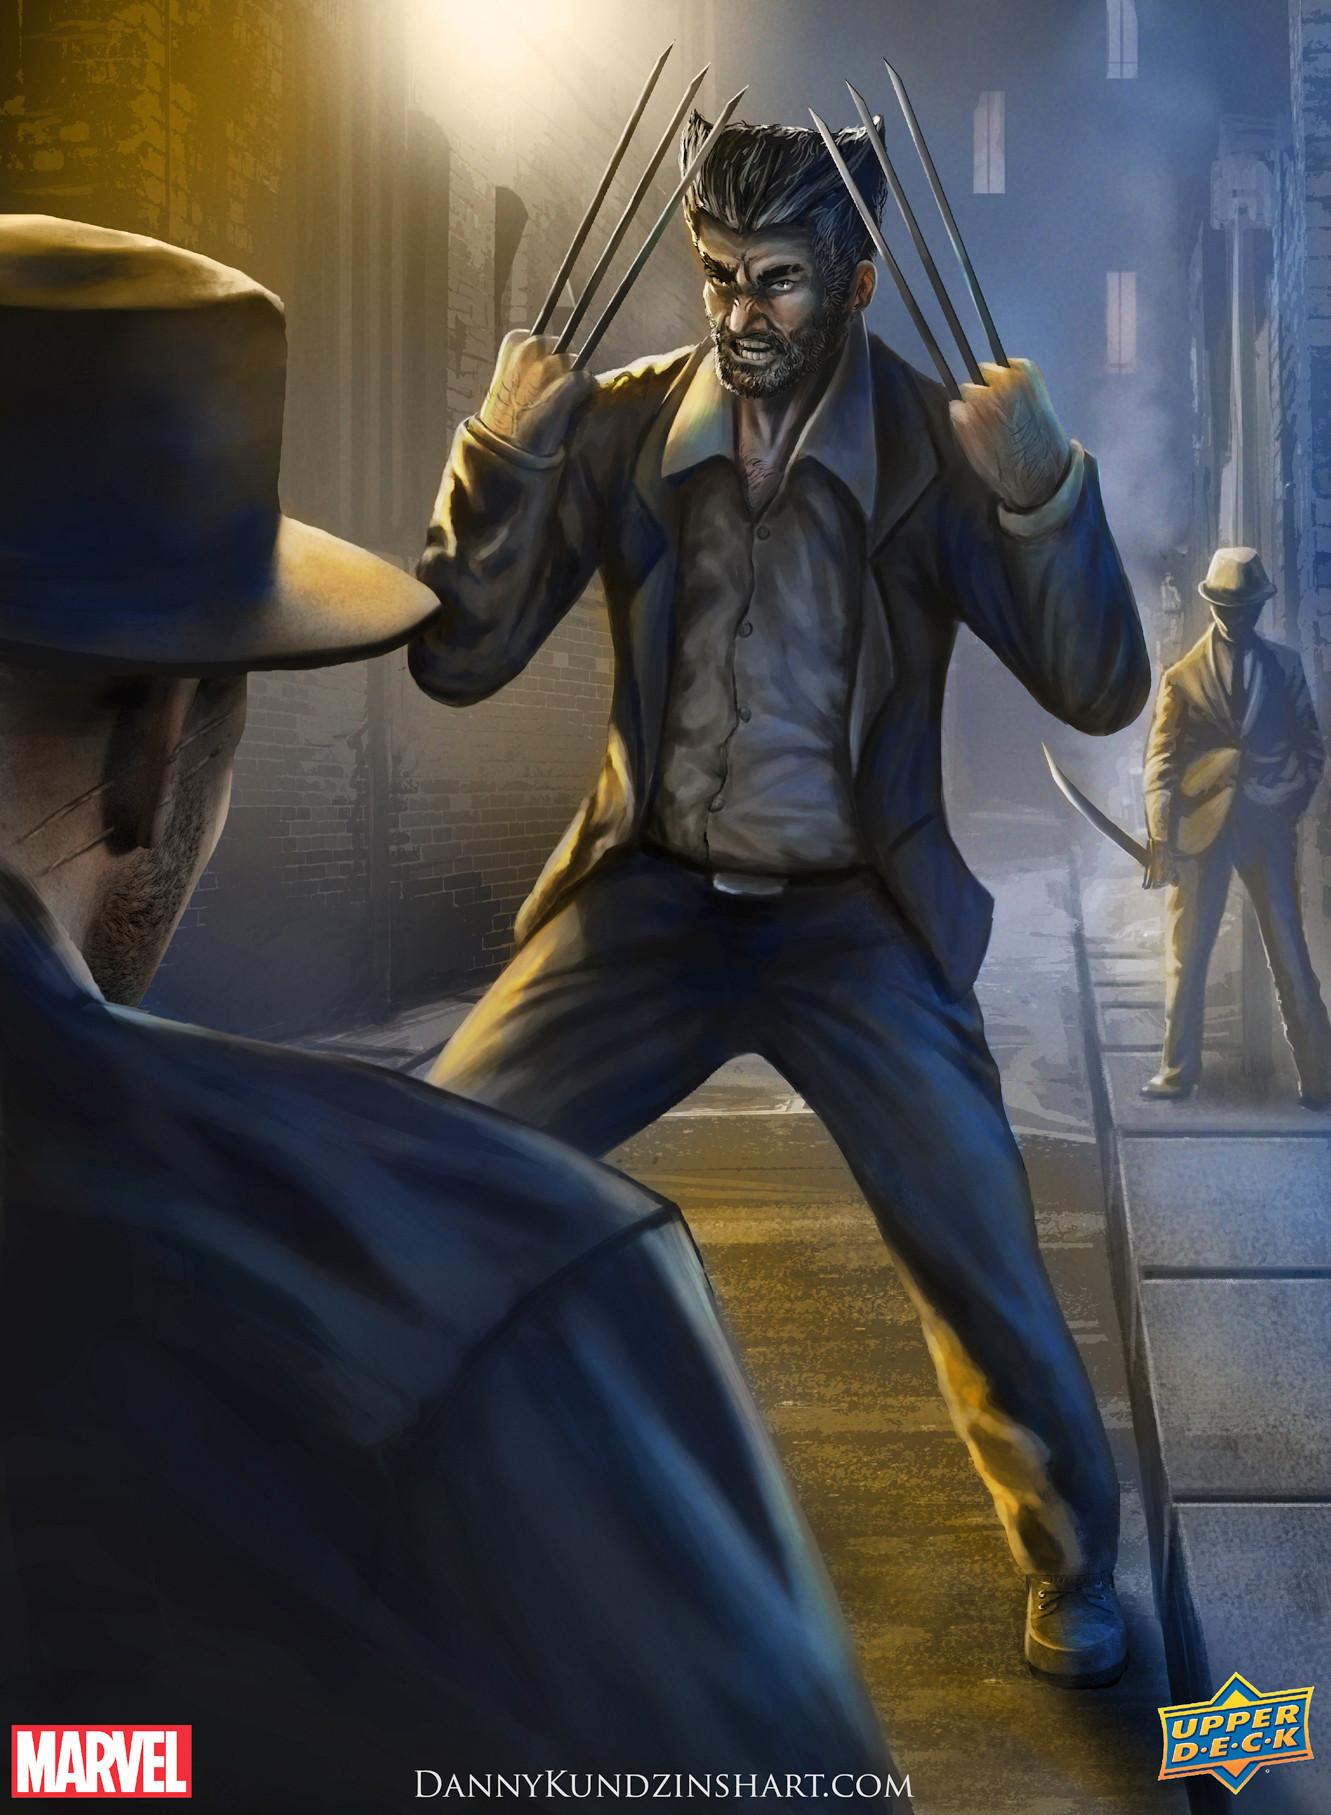 Danny kundzinsh detective wolverine 4web